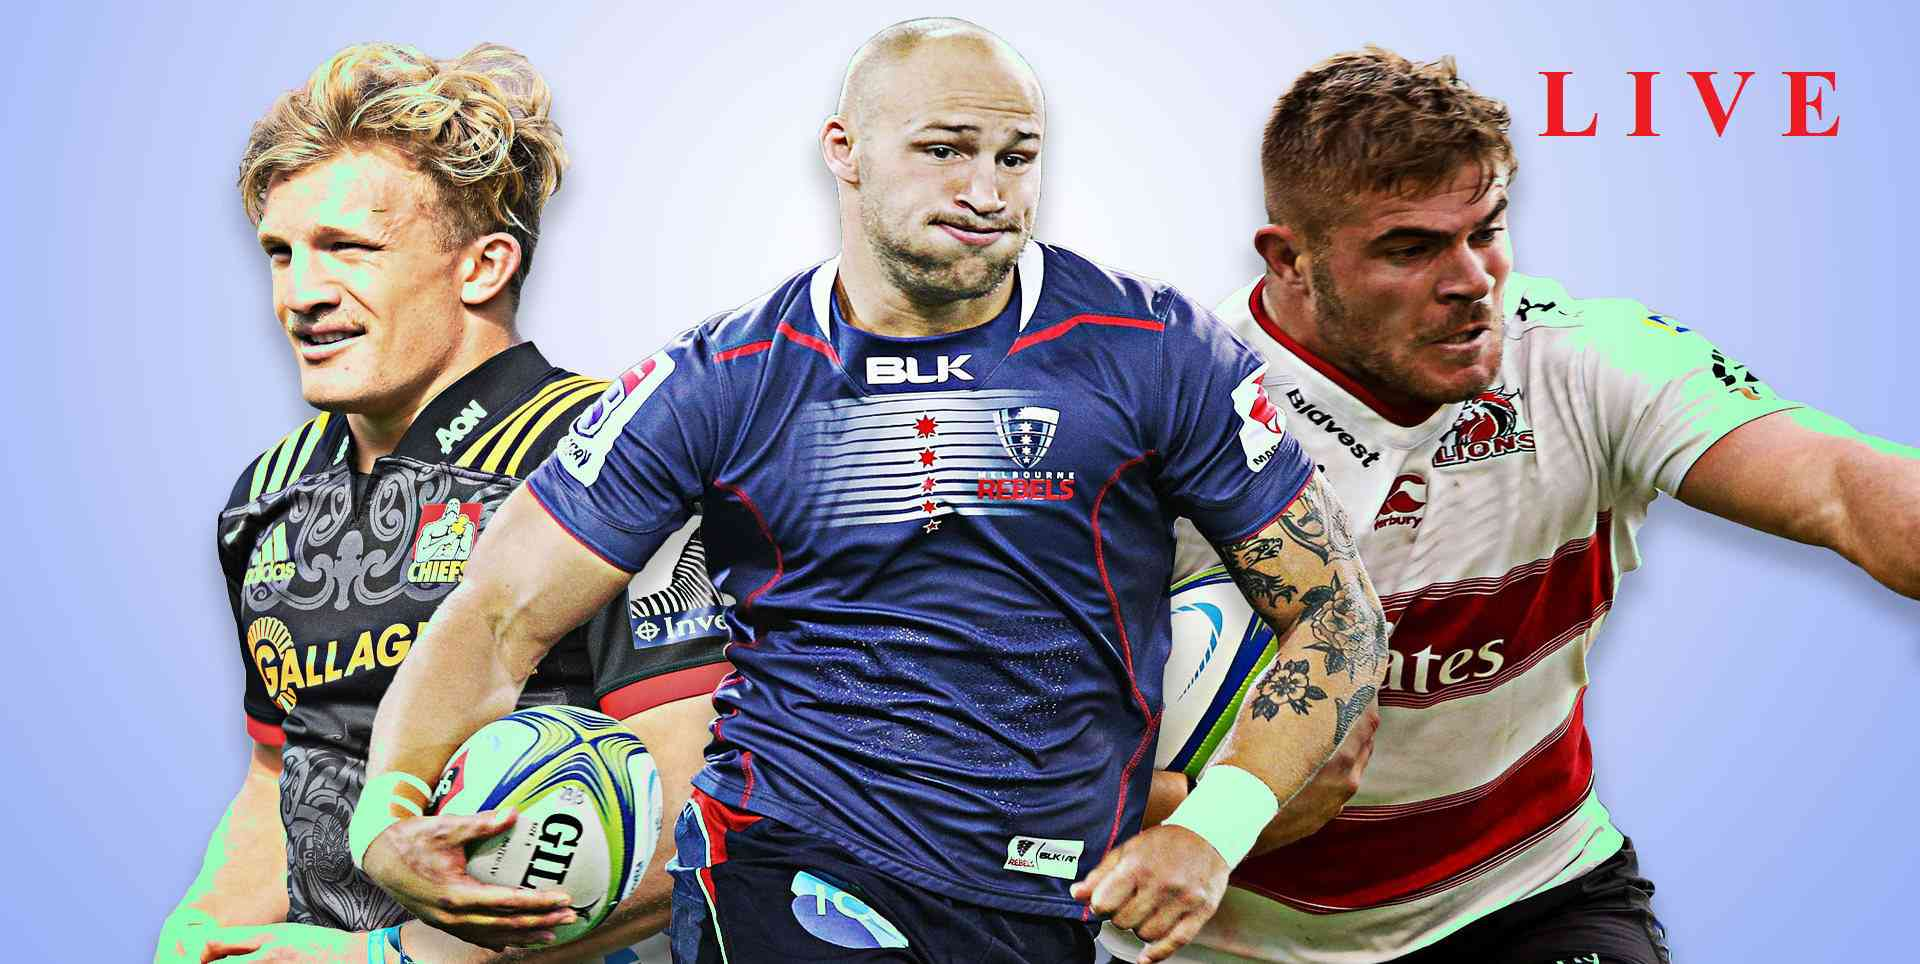 bristol-rugby-vs-saracens-rugby-live